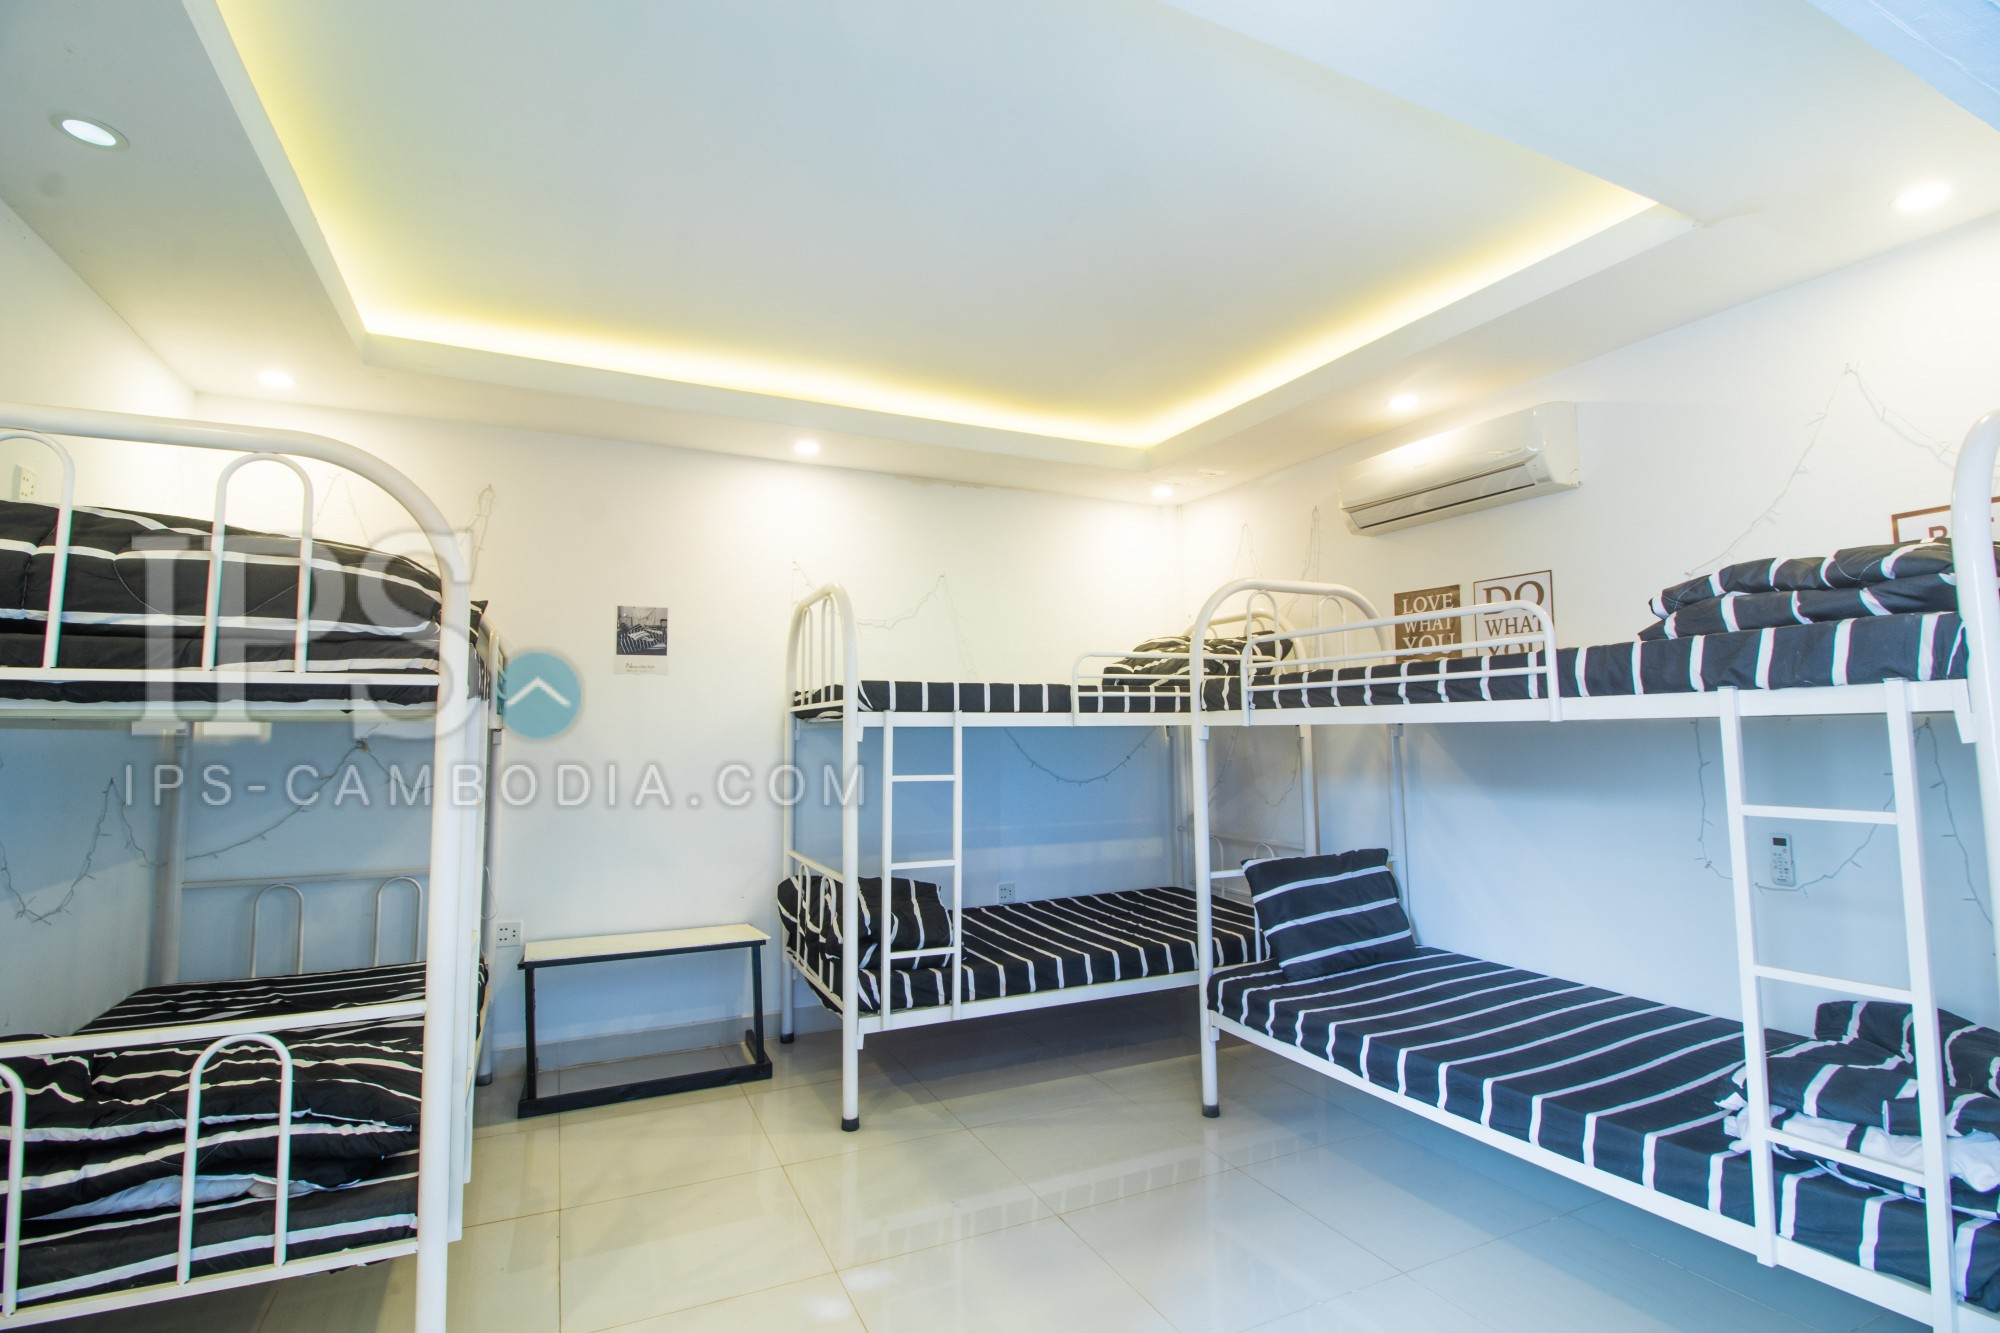 6 Bed Dormitory Room For Rent - Slor Kram, Siem Reap